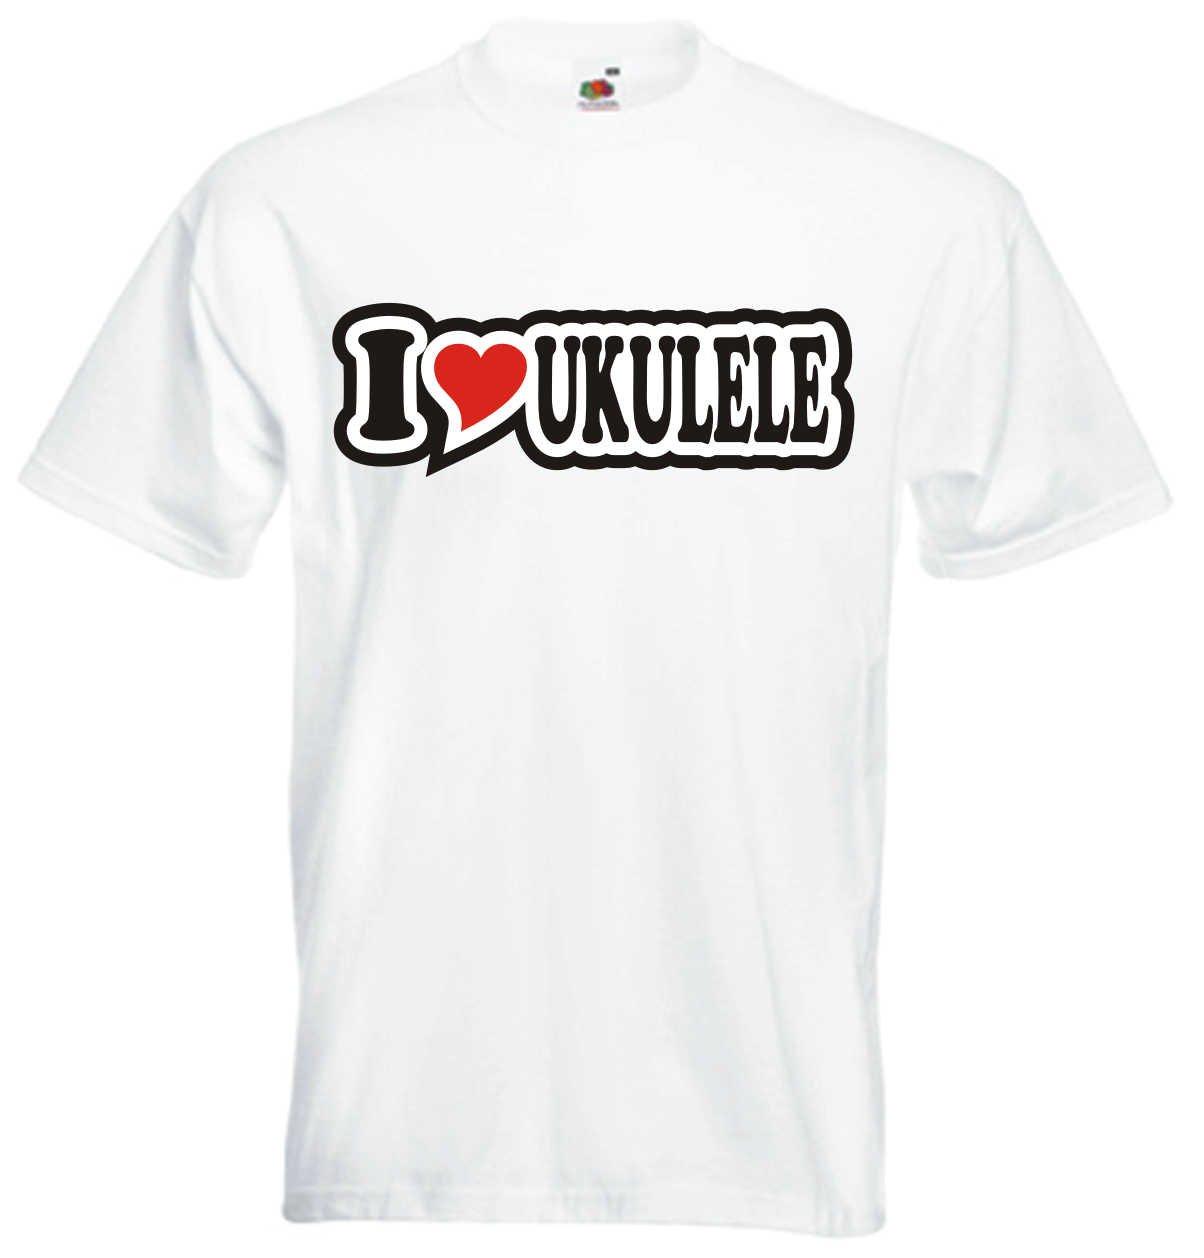 I Love Heart T-Shirt Men I LOVE UKULELE Black Dragon